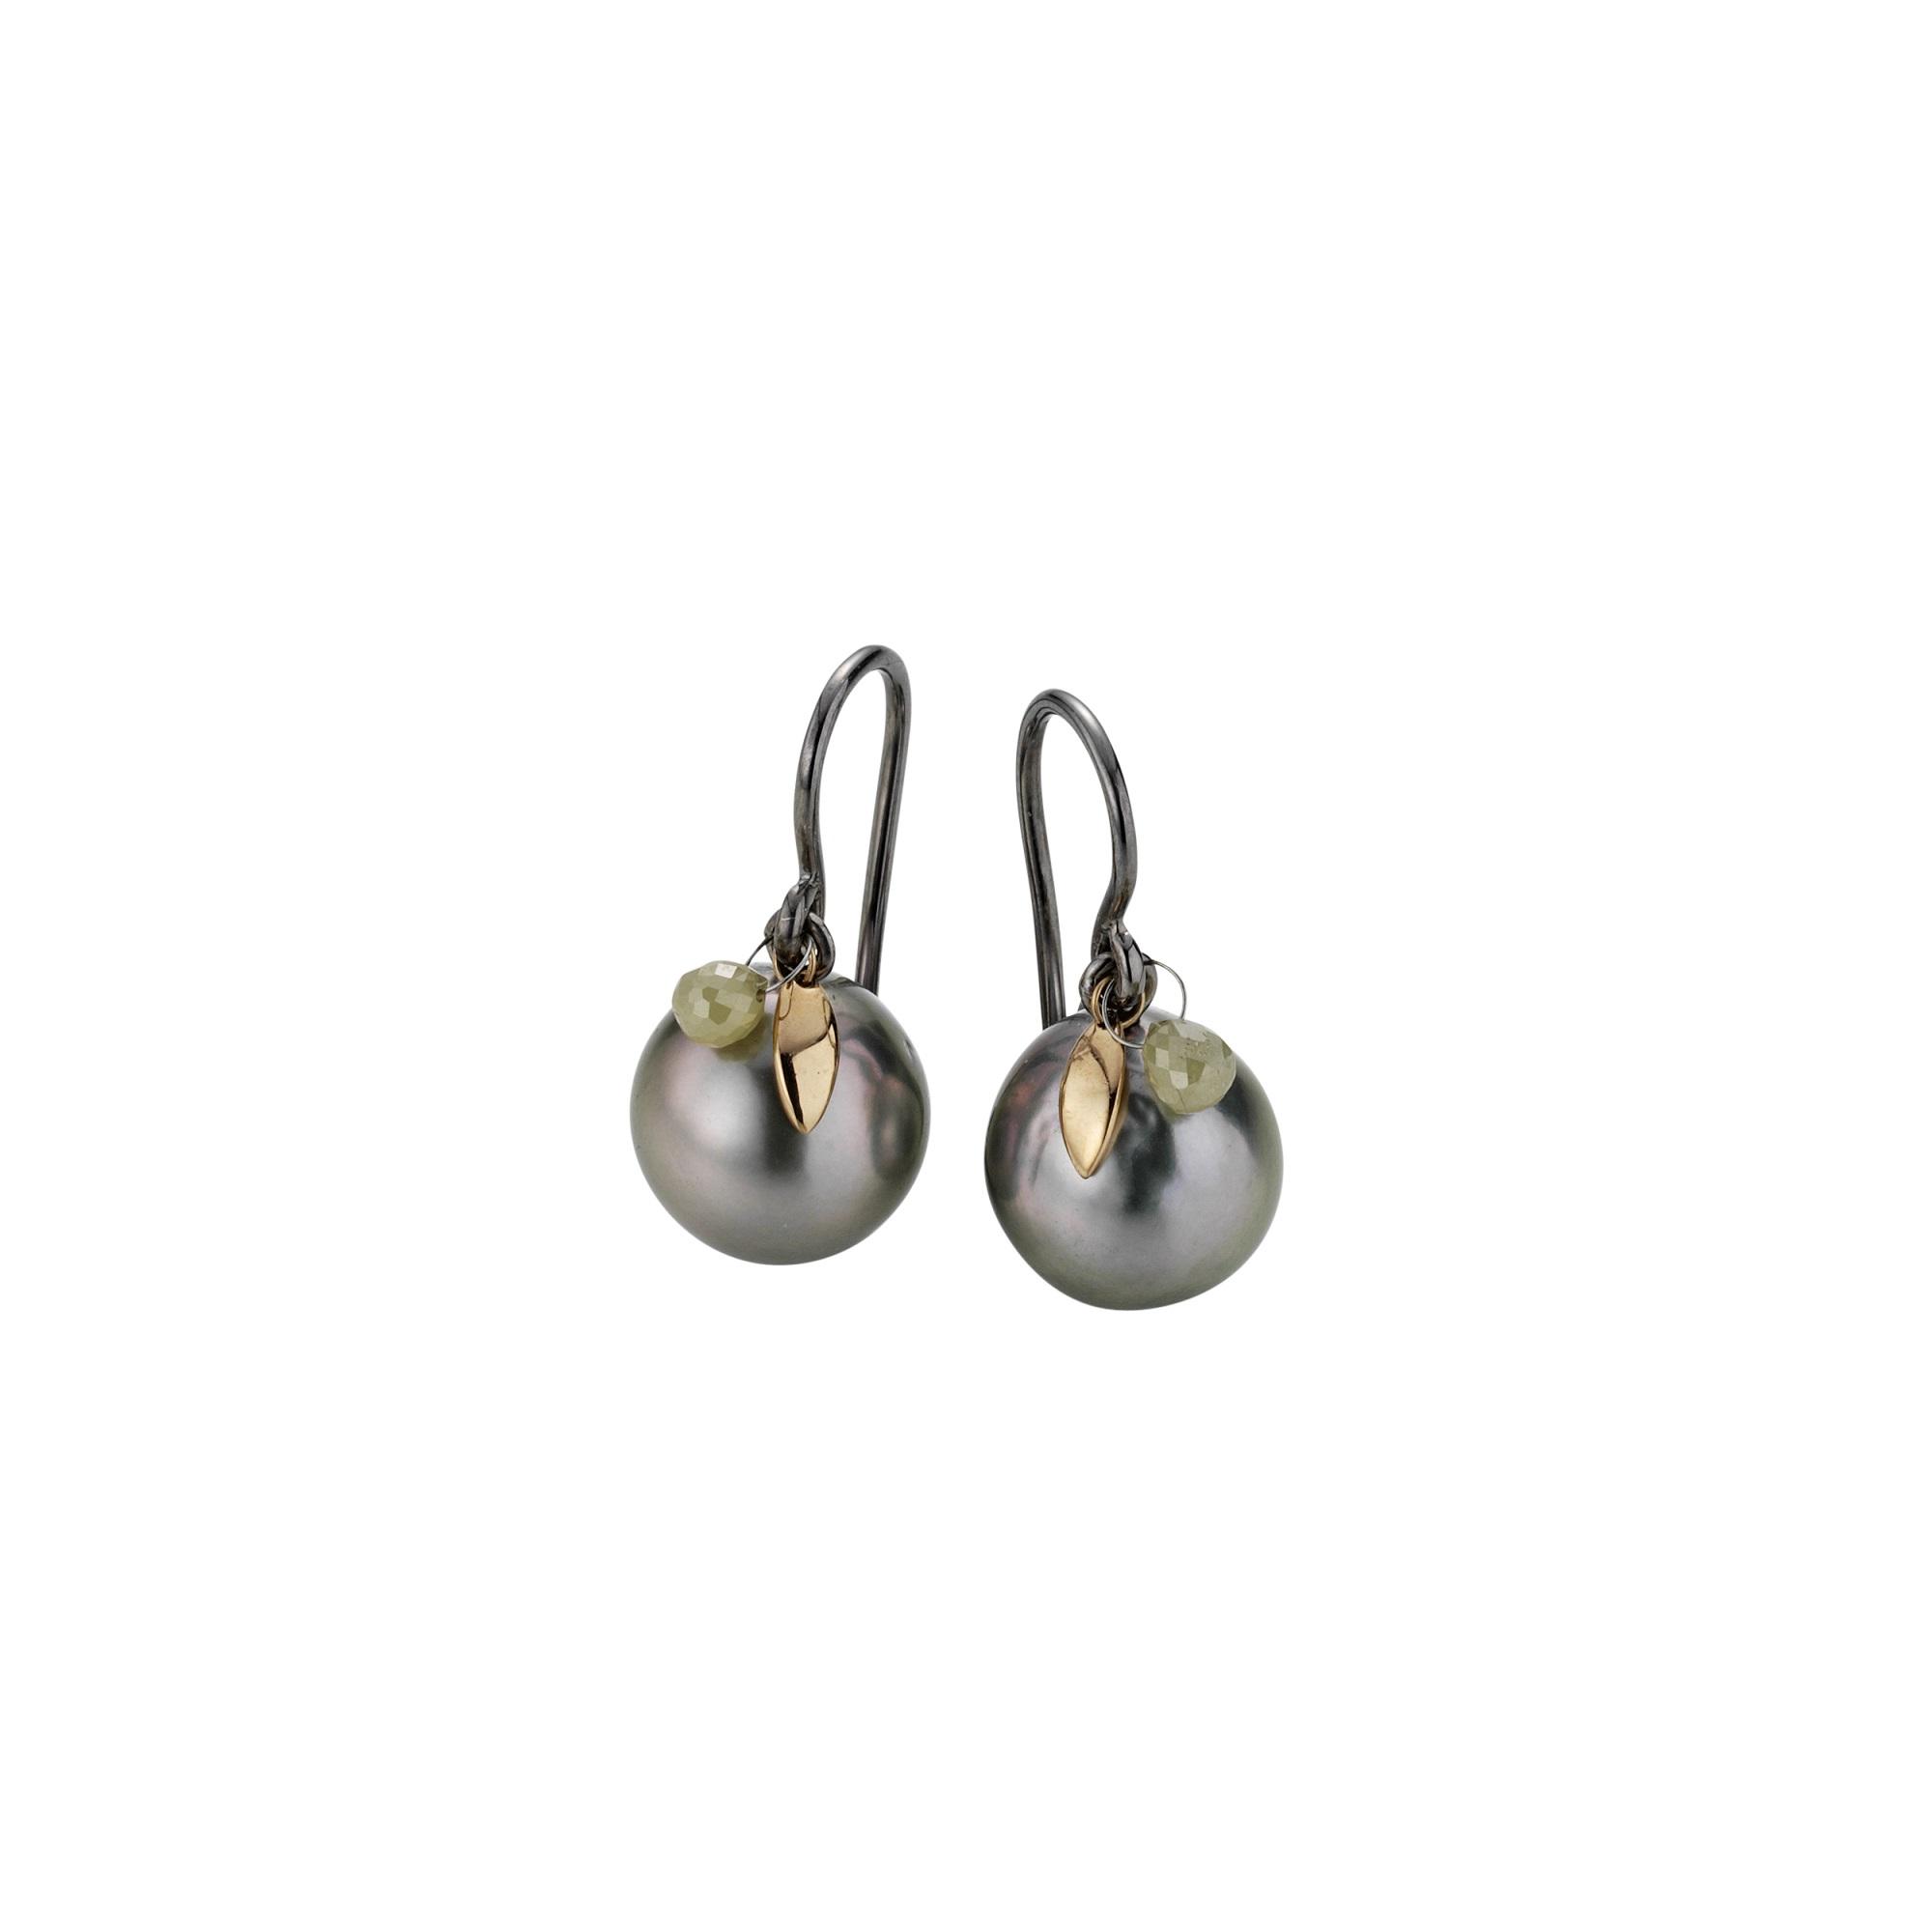 Ohrschmuck aus Silber und Roségold mit Tahiti-Zuchtperlen und Diamant-Briolette